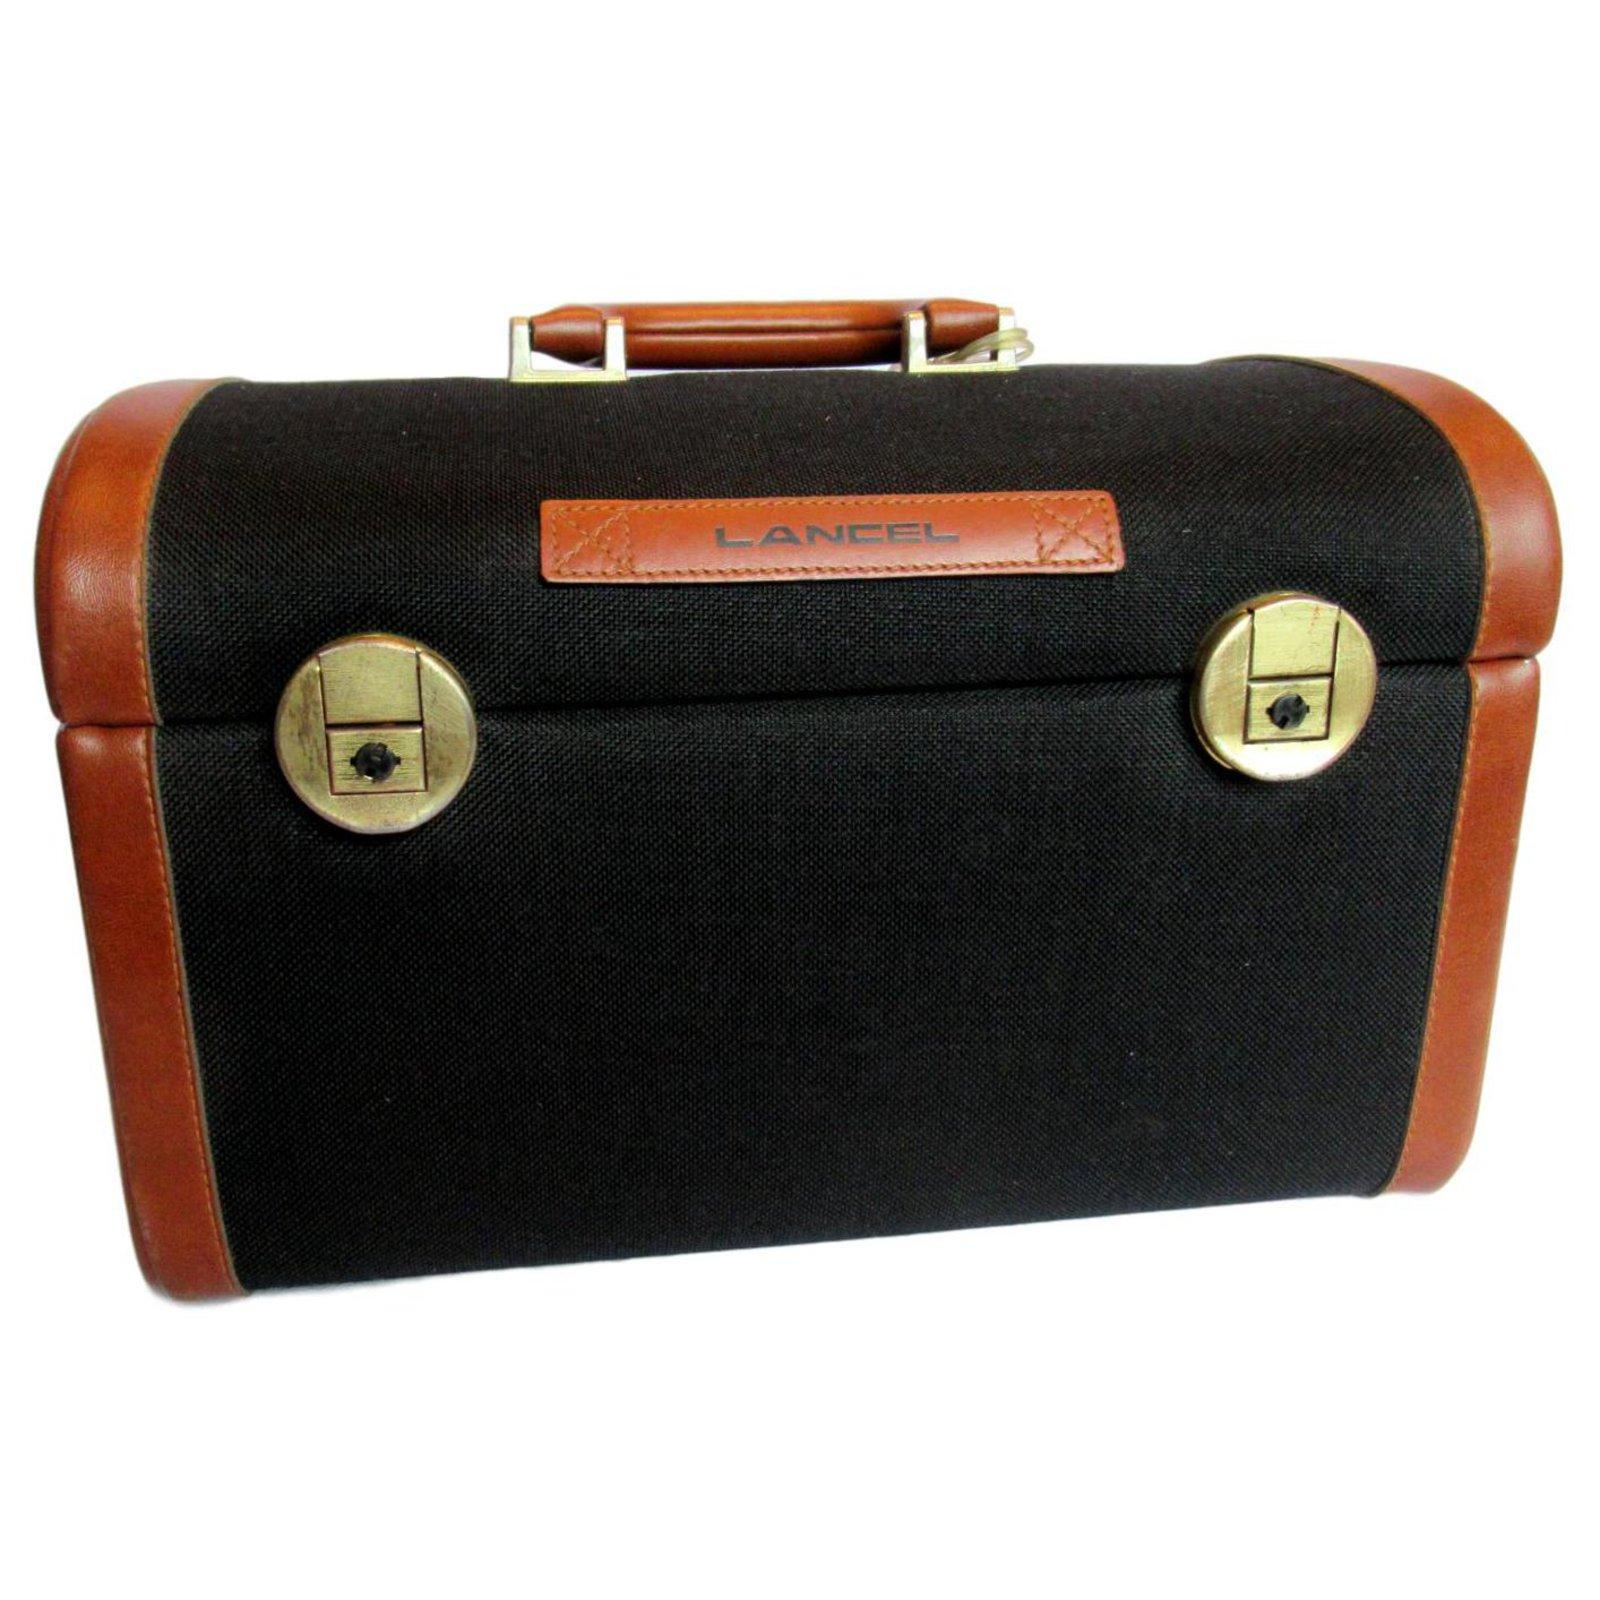 d8600ff85a Sacs de voyage Lancel Vanity case Cuir Noir ref.119694 - Joli Closet;